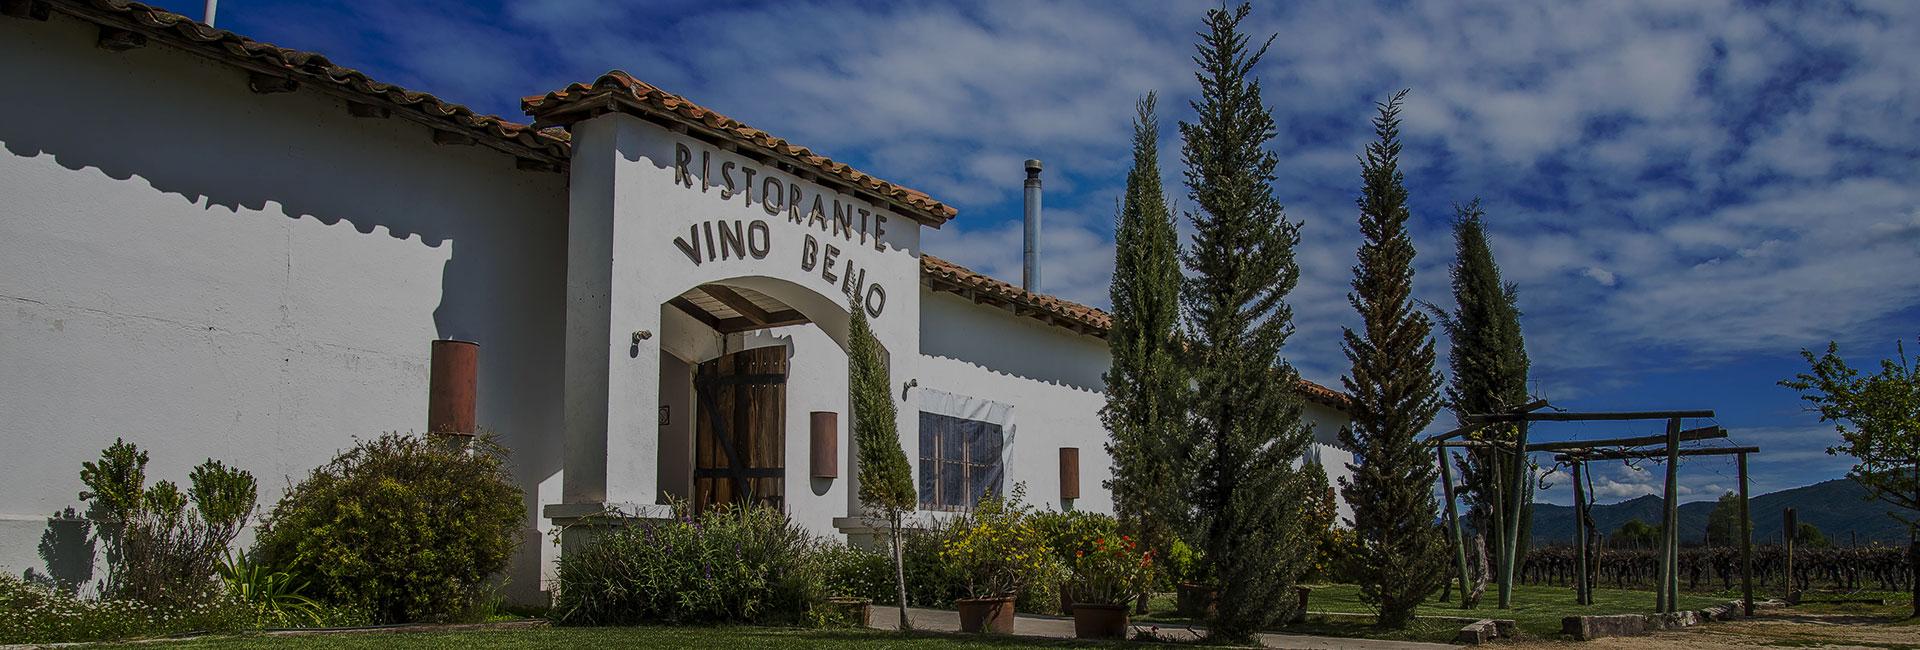 Ristorante Vino Bello Front Entrance